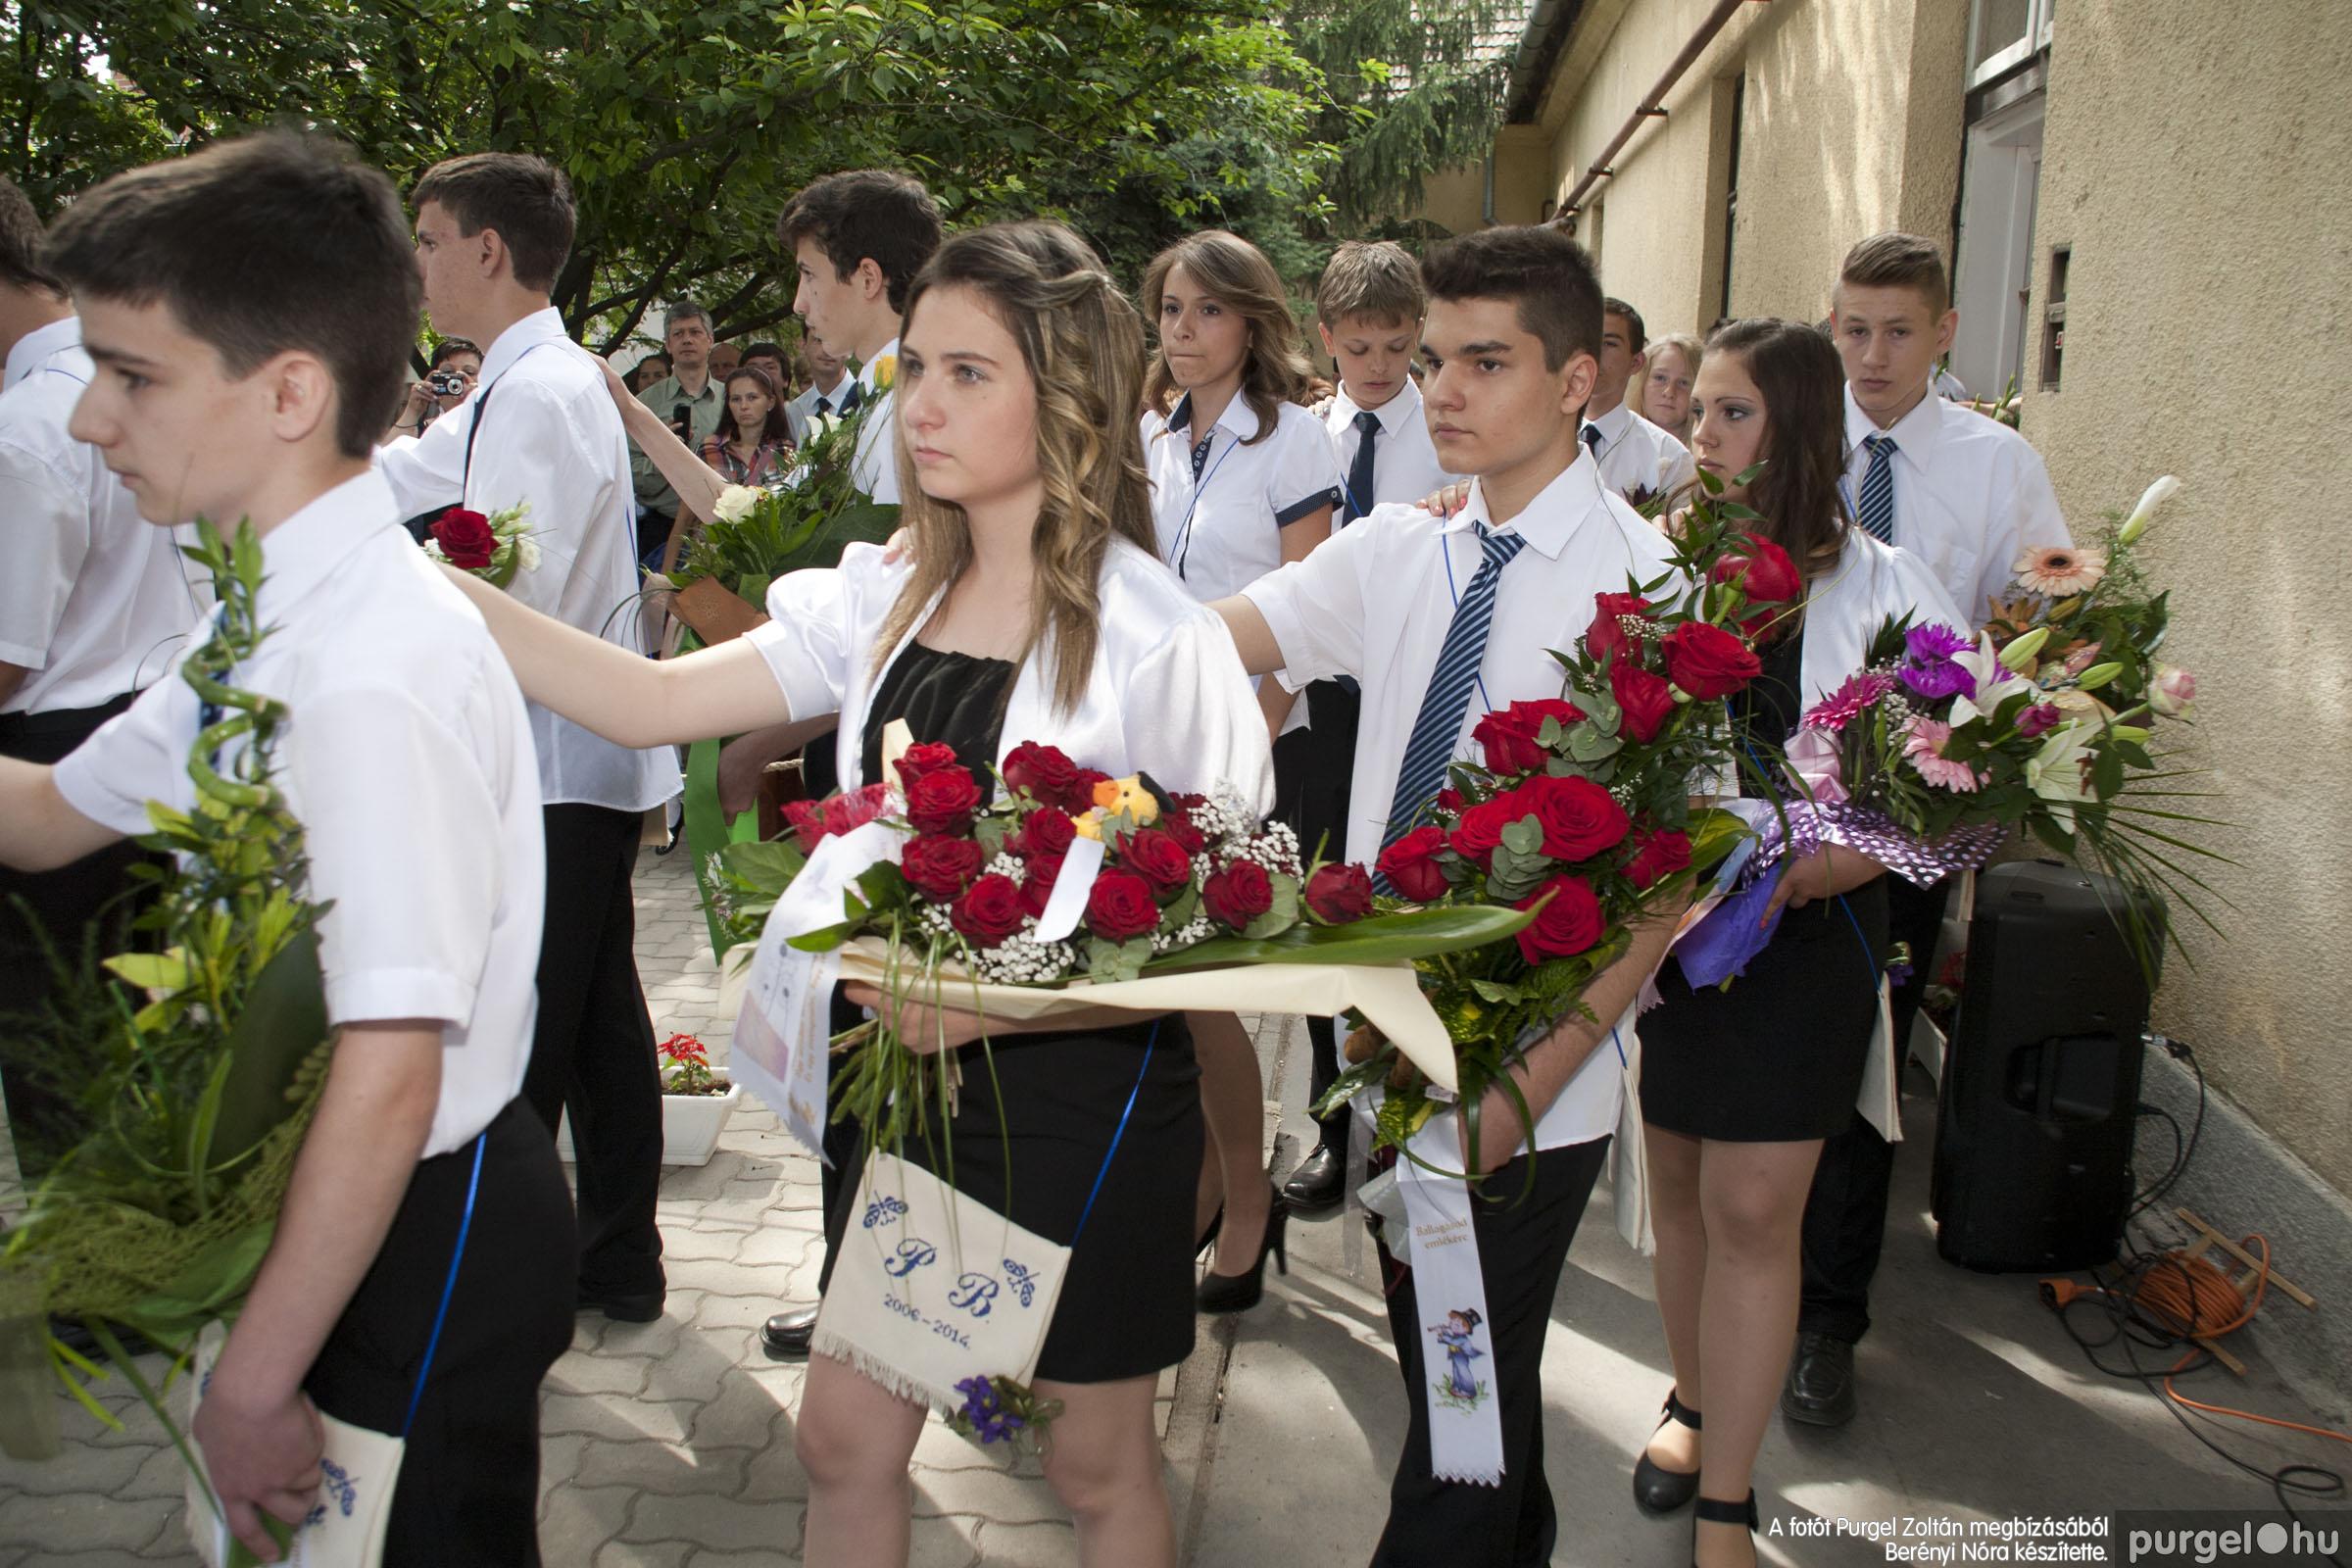 2014.06.14. 138 Forray Máté Általános Iskola ballagás 2014. - Fotó:BERÉNYI NÓRA© _MG_5743.jpg